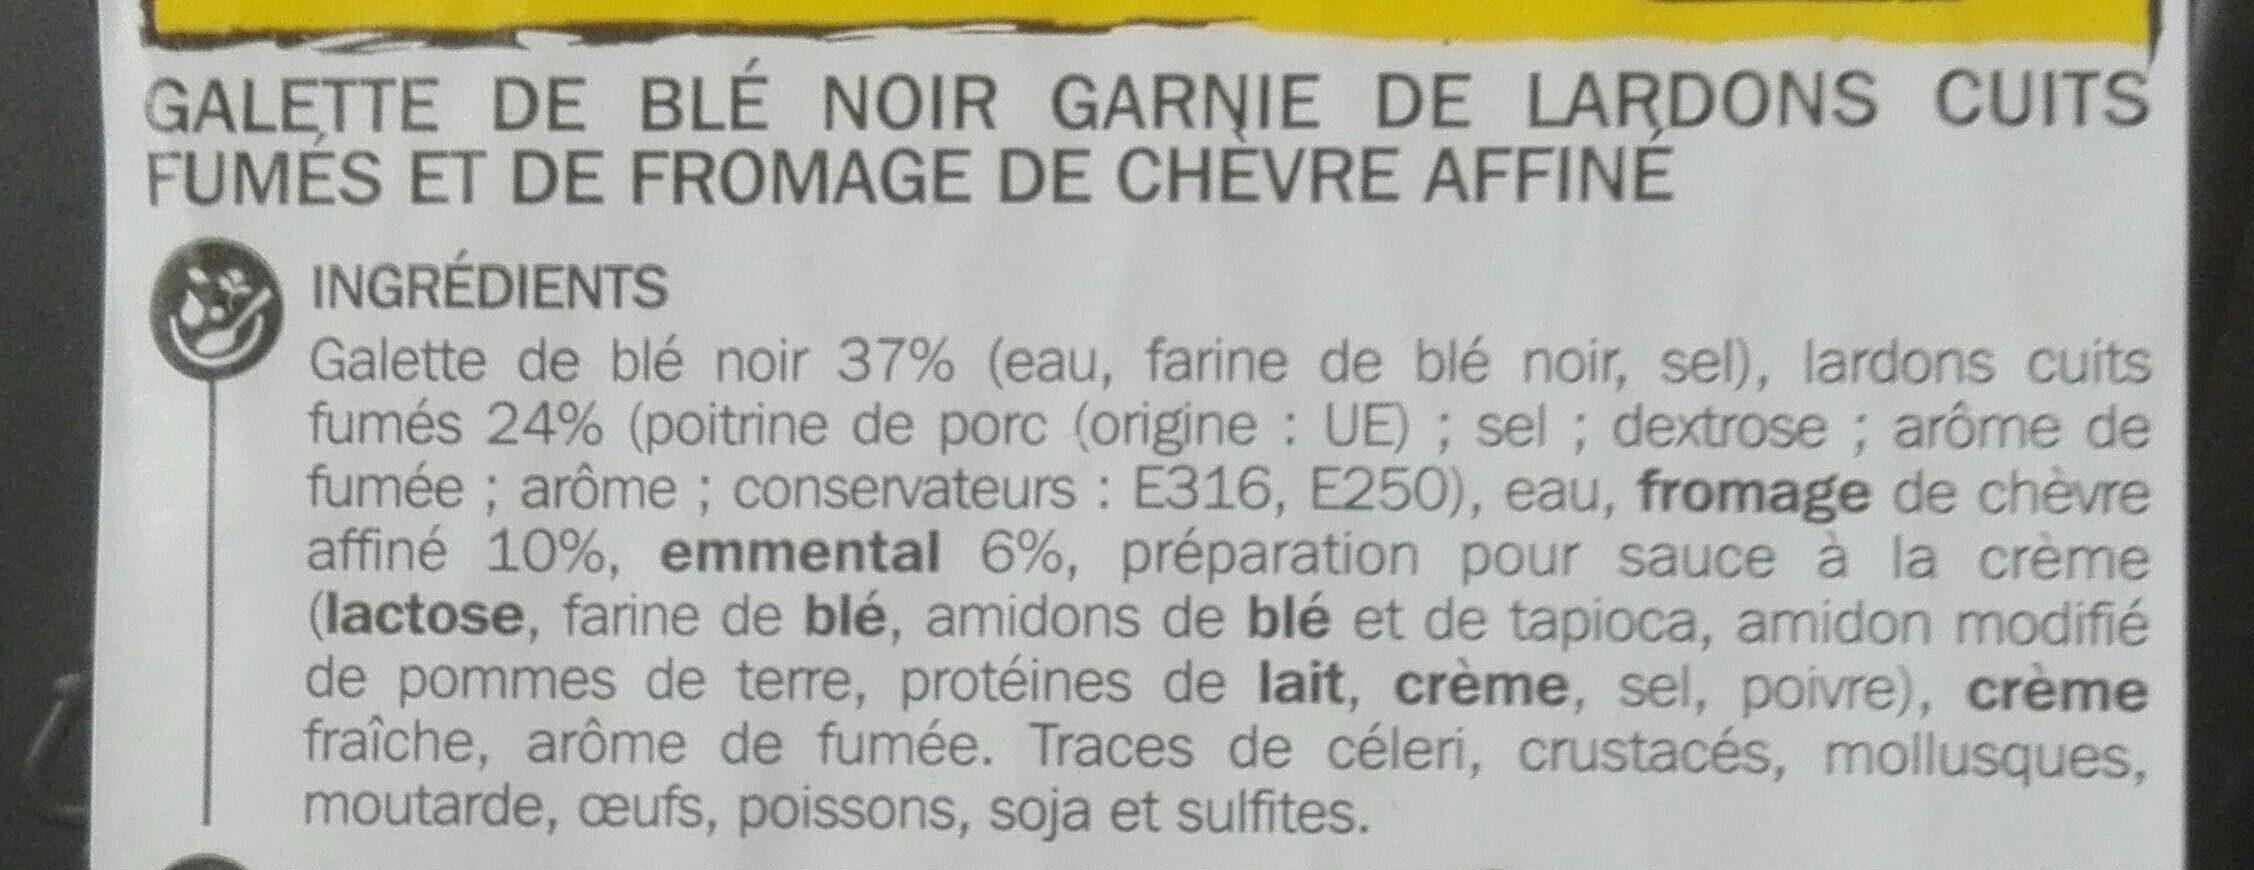 Galette chèvre lardons au blé noir - Ingredients - fr